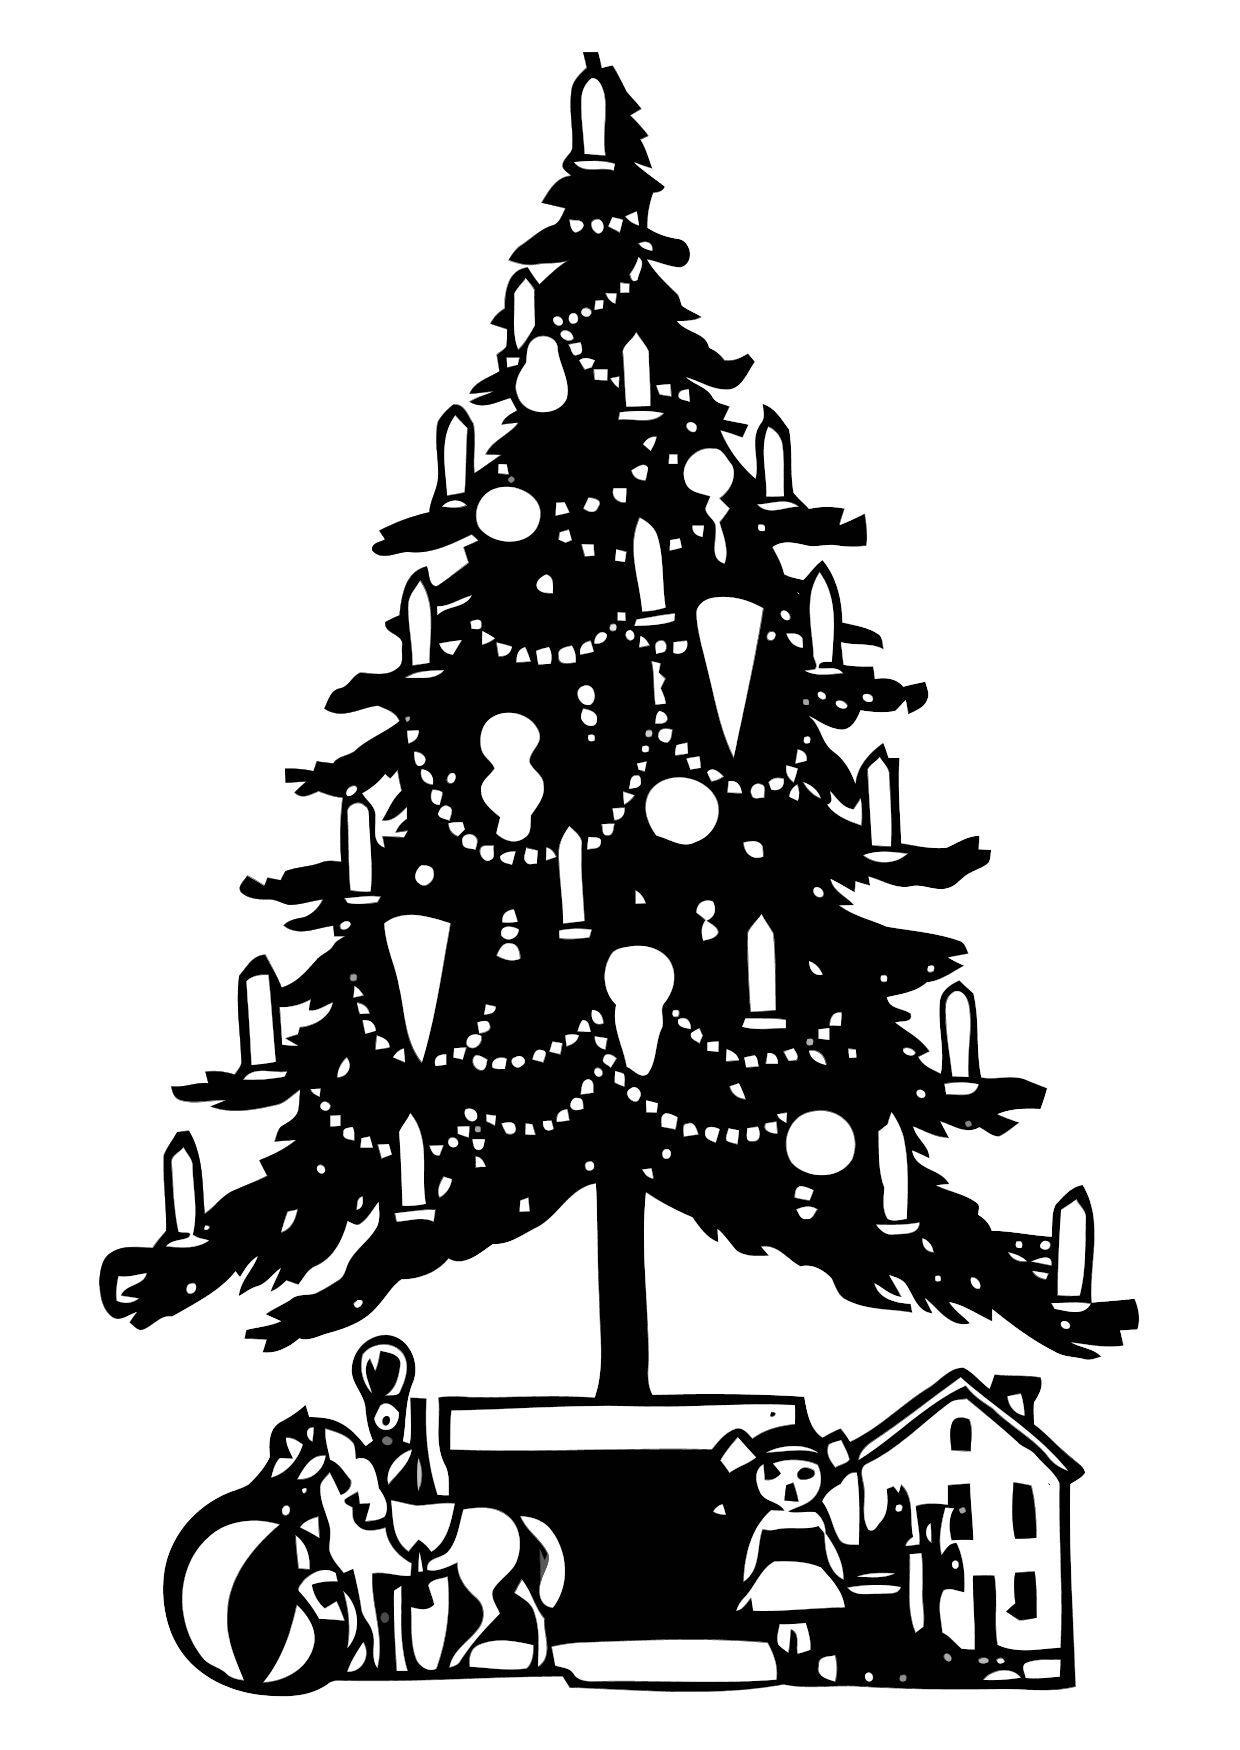 Grote Kleurplaten Kerstboom.Kleurplaat Kerstboom Gratis Kleurplaten Om Te Printen